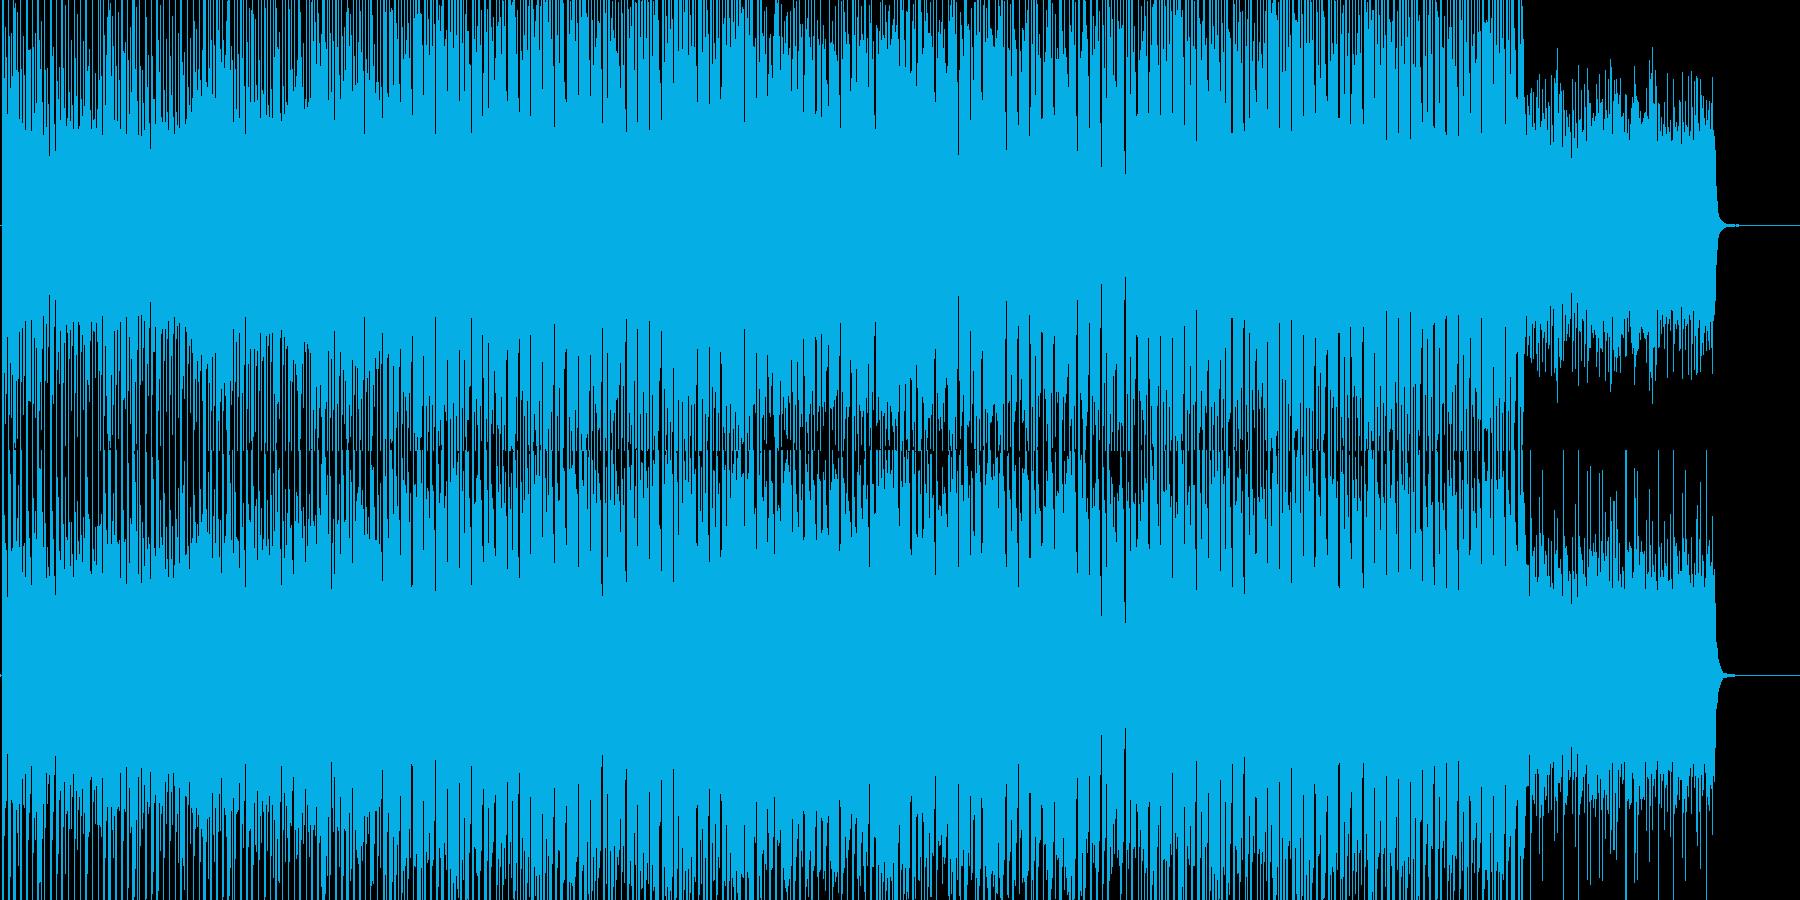 和風のエレクトロニカBGMの再生済みの波形